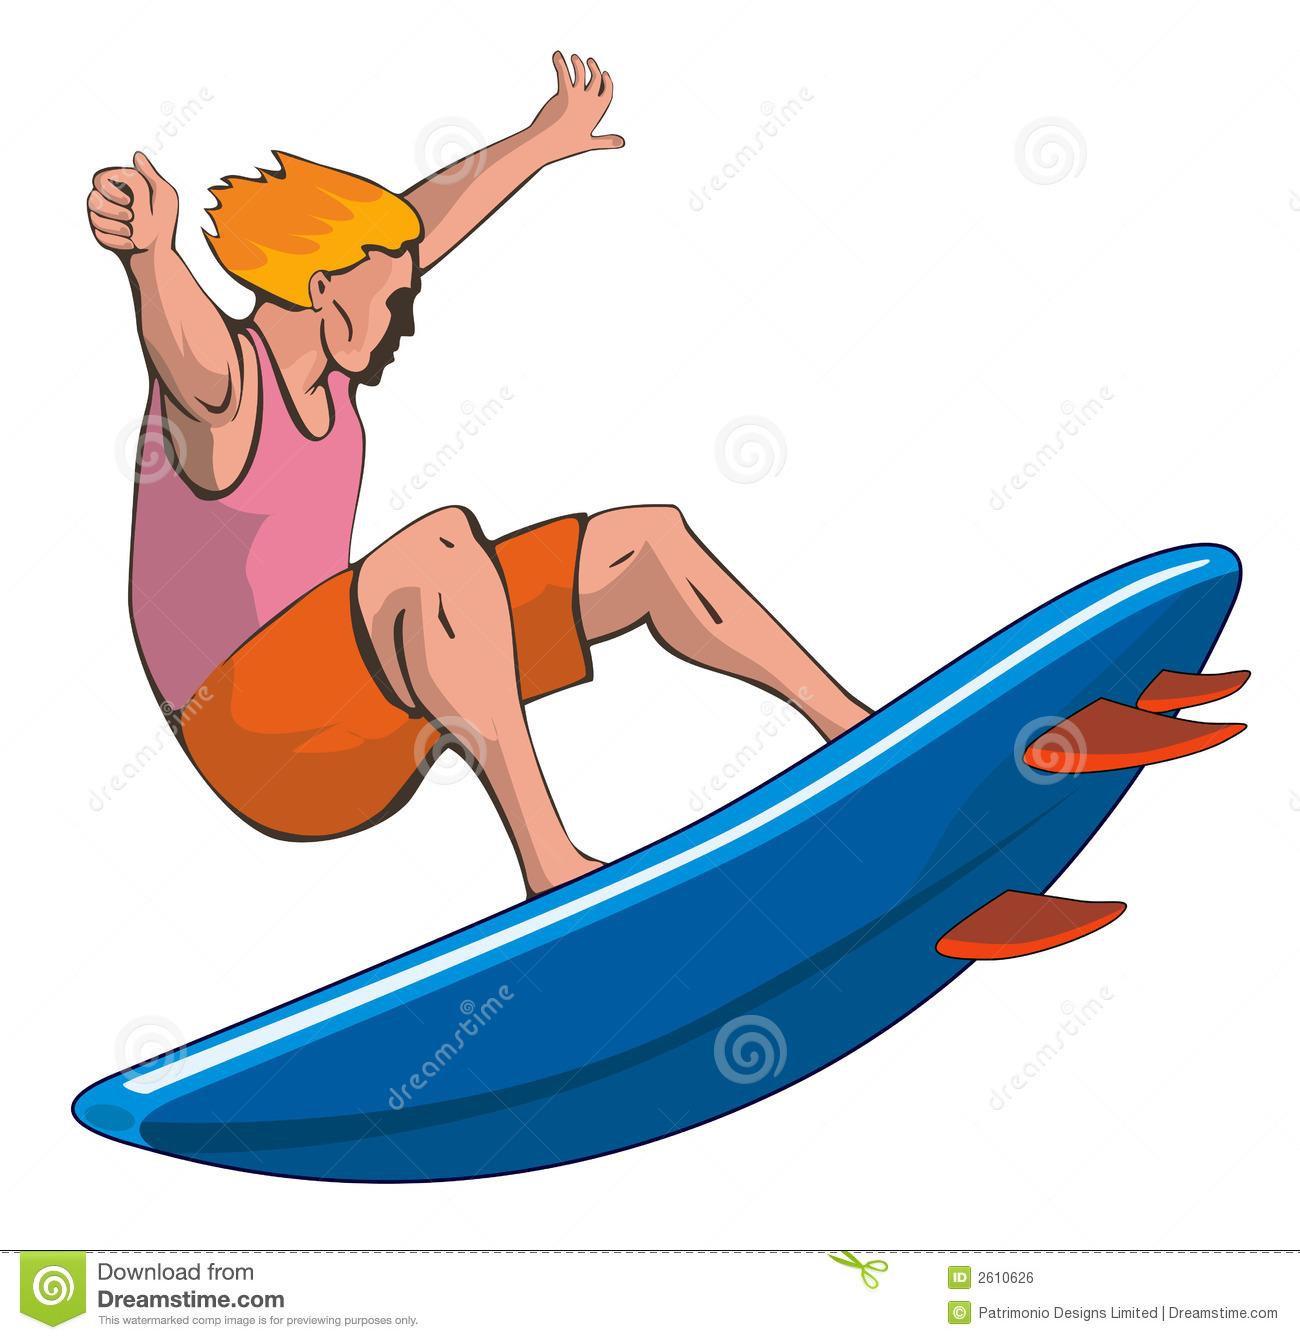 Surfing Clipart - Clipart Kid-Surfing Clipart - Clipart Kid-16